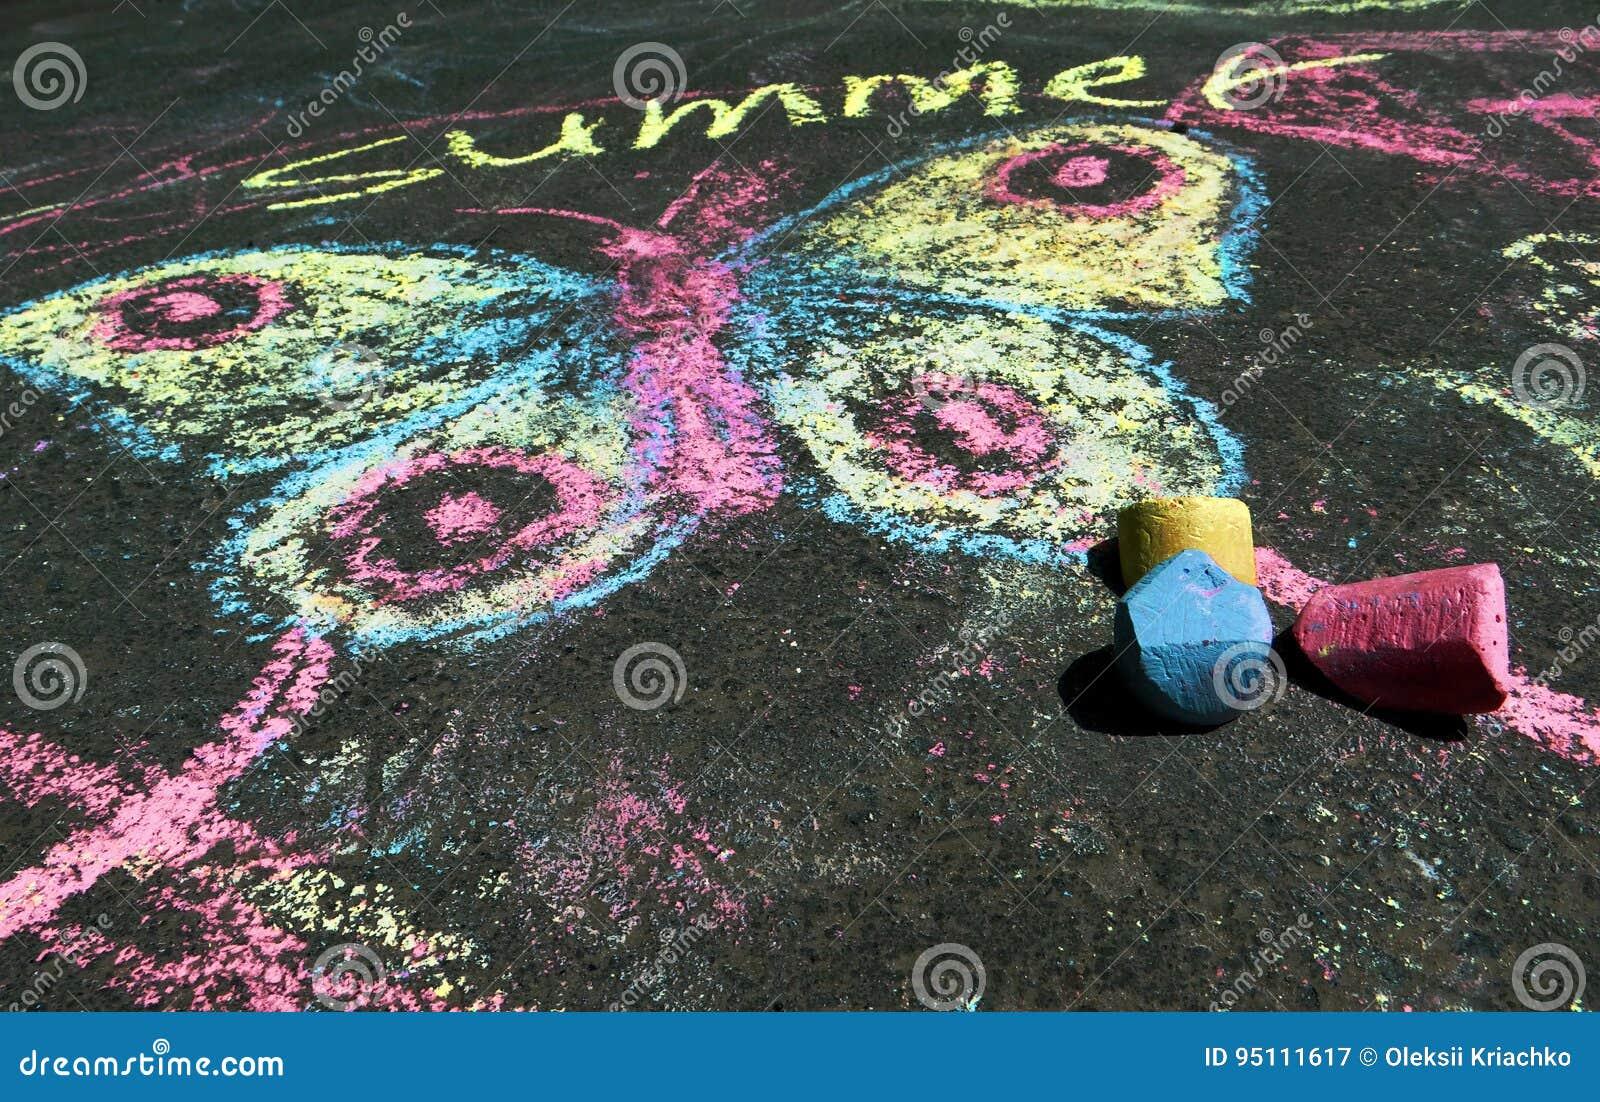 Dibujo del ` s de los niños del alcohol del verano en el asfalto